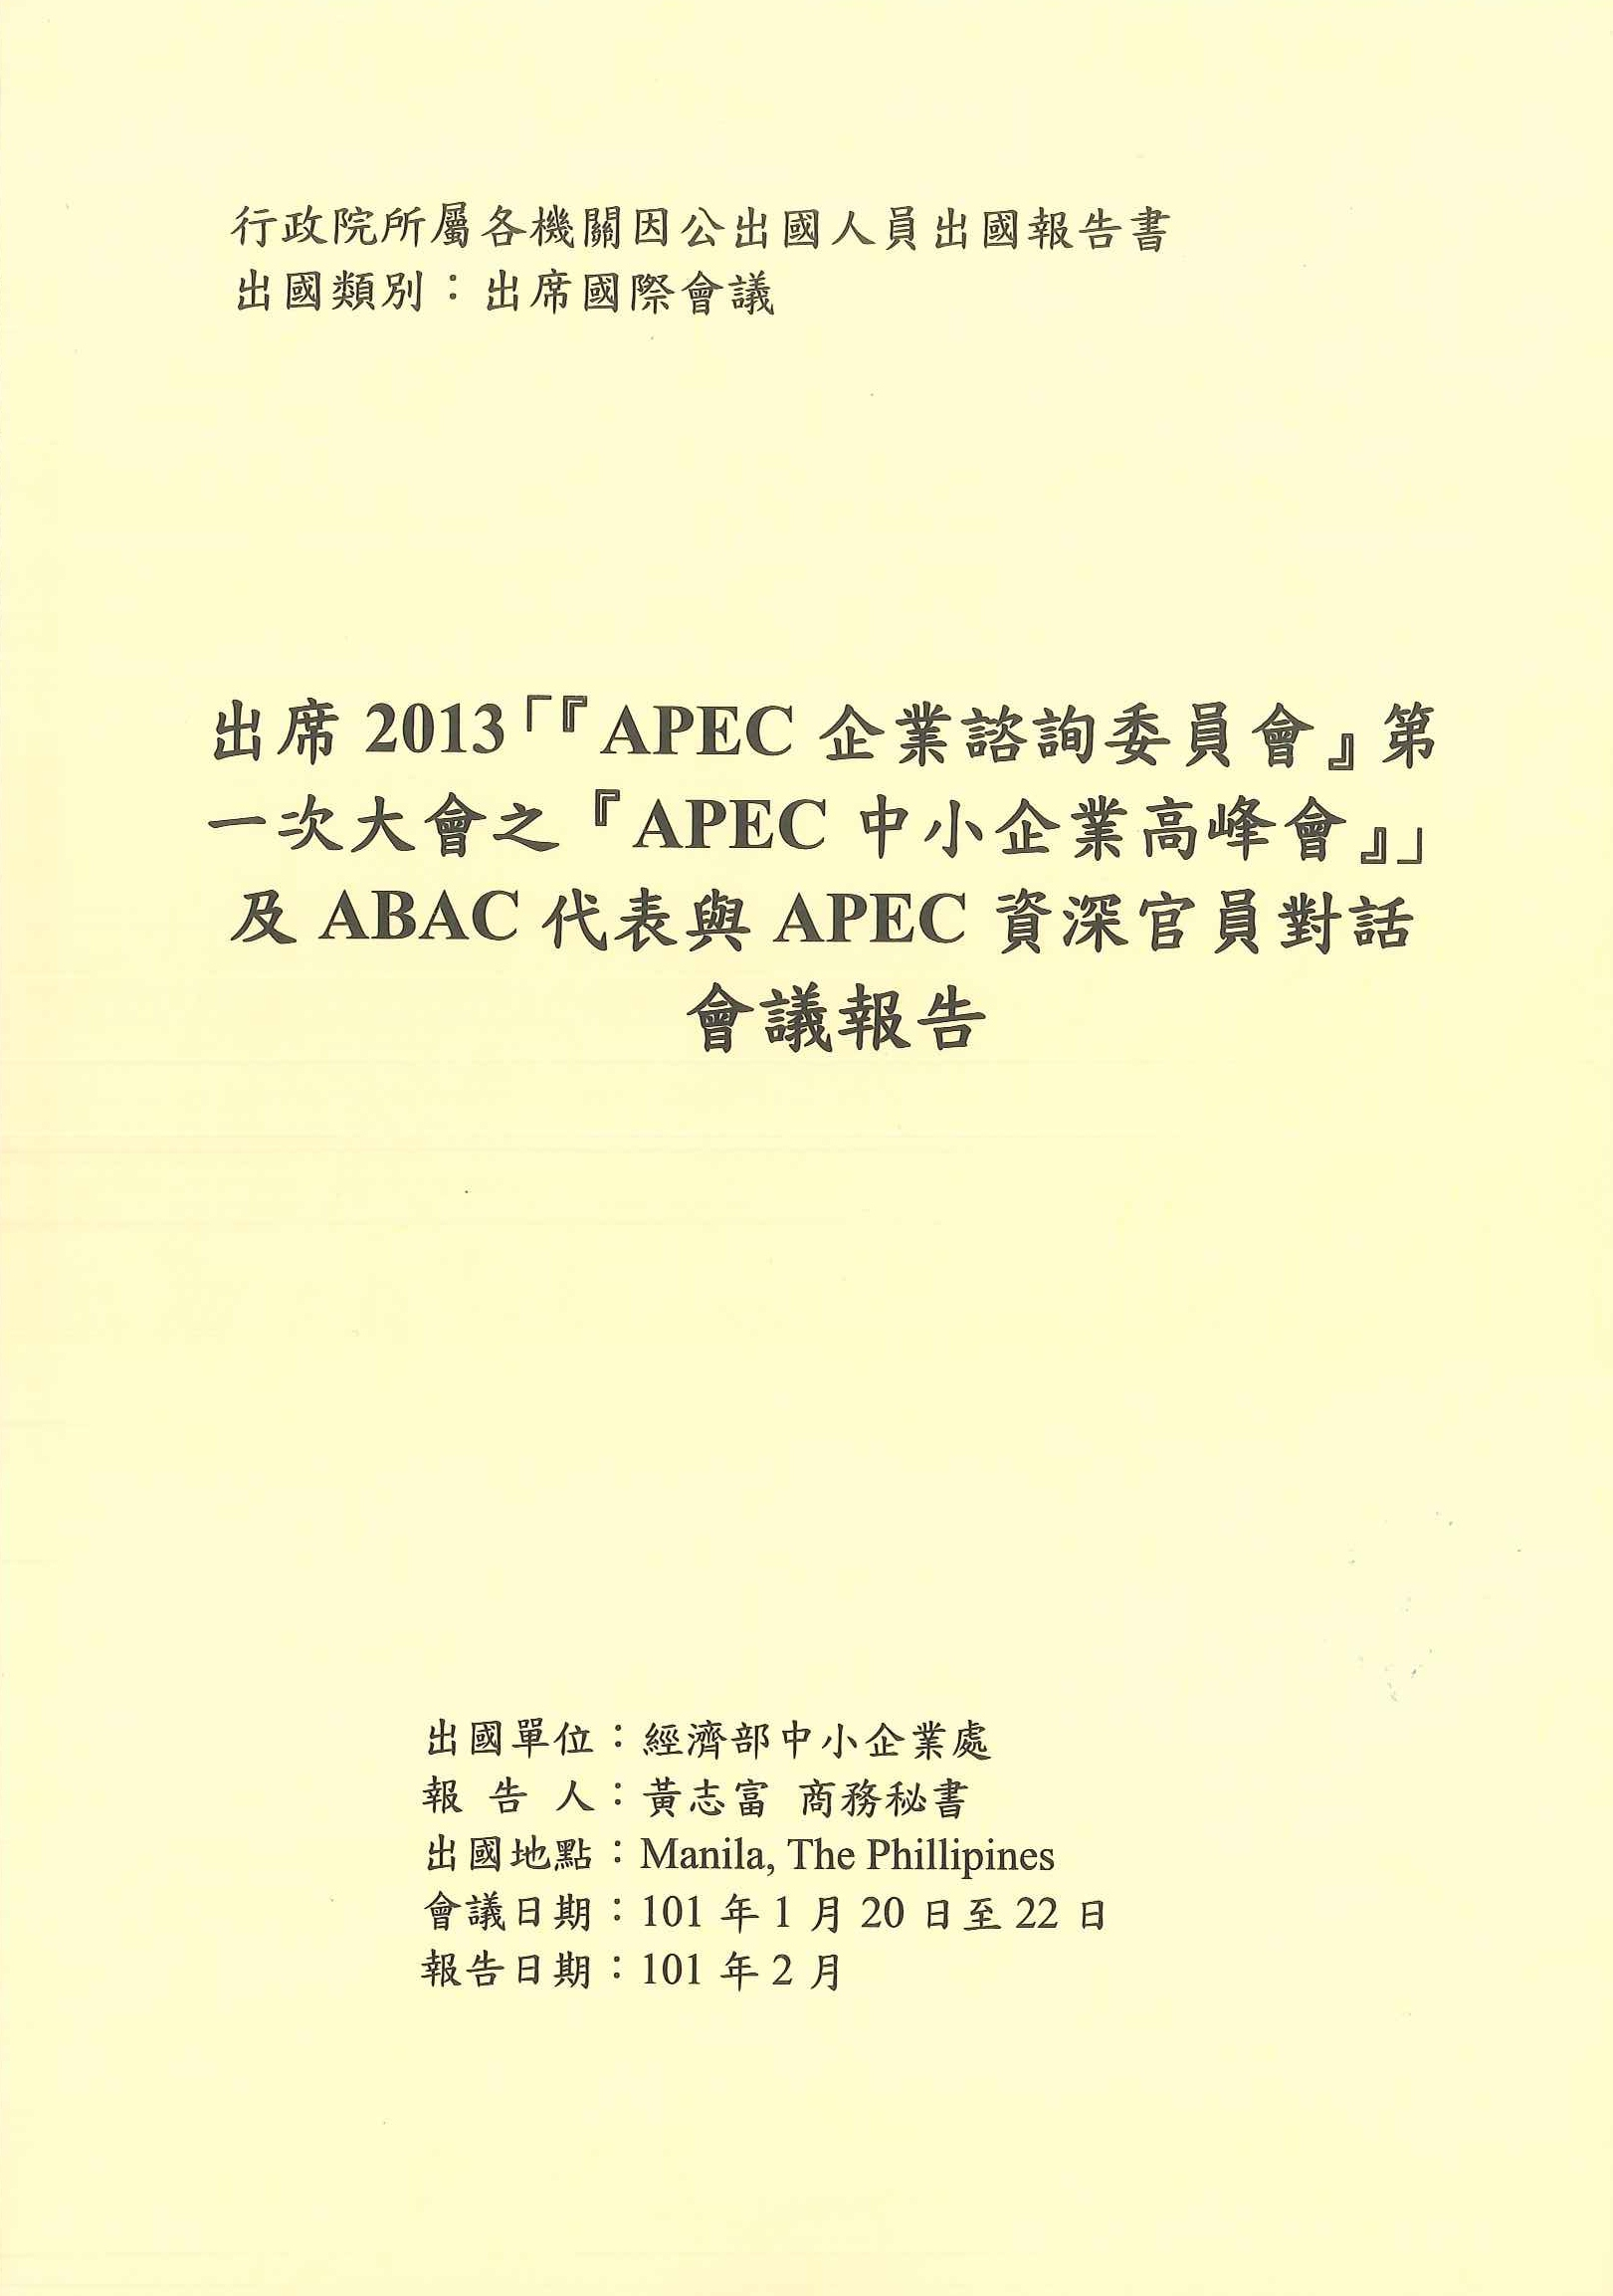 出席2013『 APEC 企業諮詢委員會』第一次大會之『APEC中小企業高峰會』及ABAC代表與APEC資深官員對話會議報告